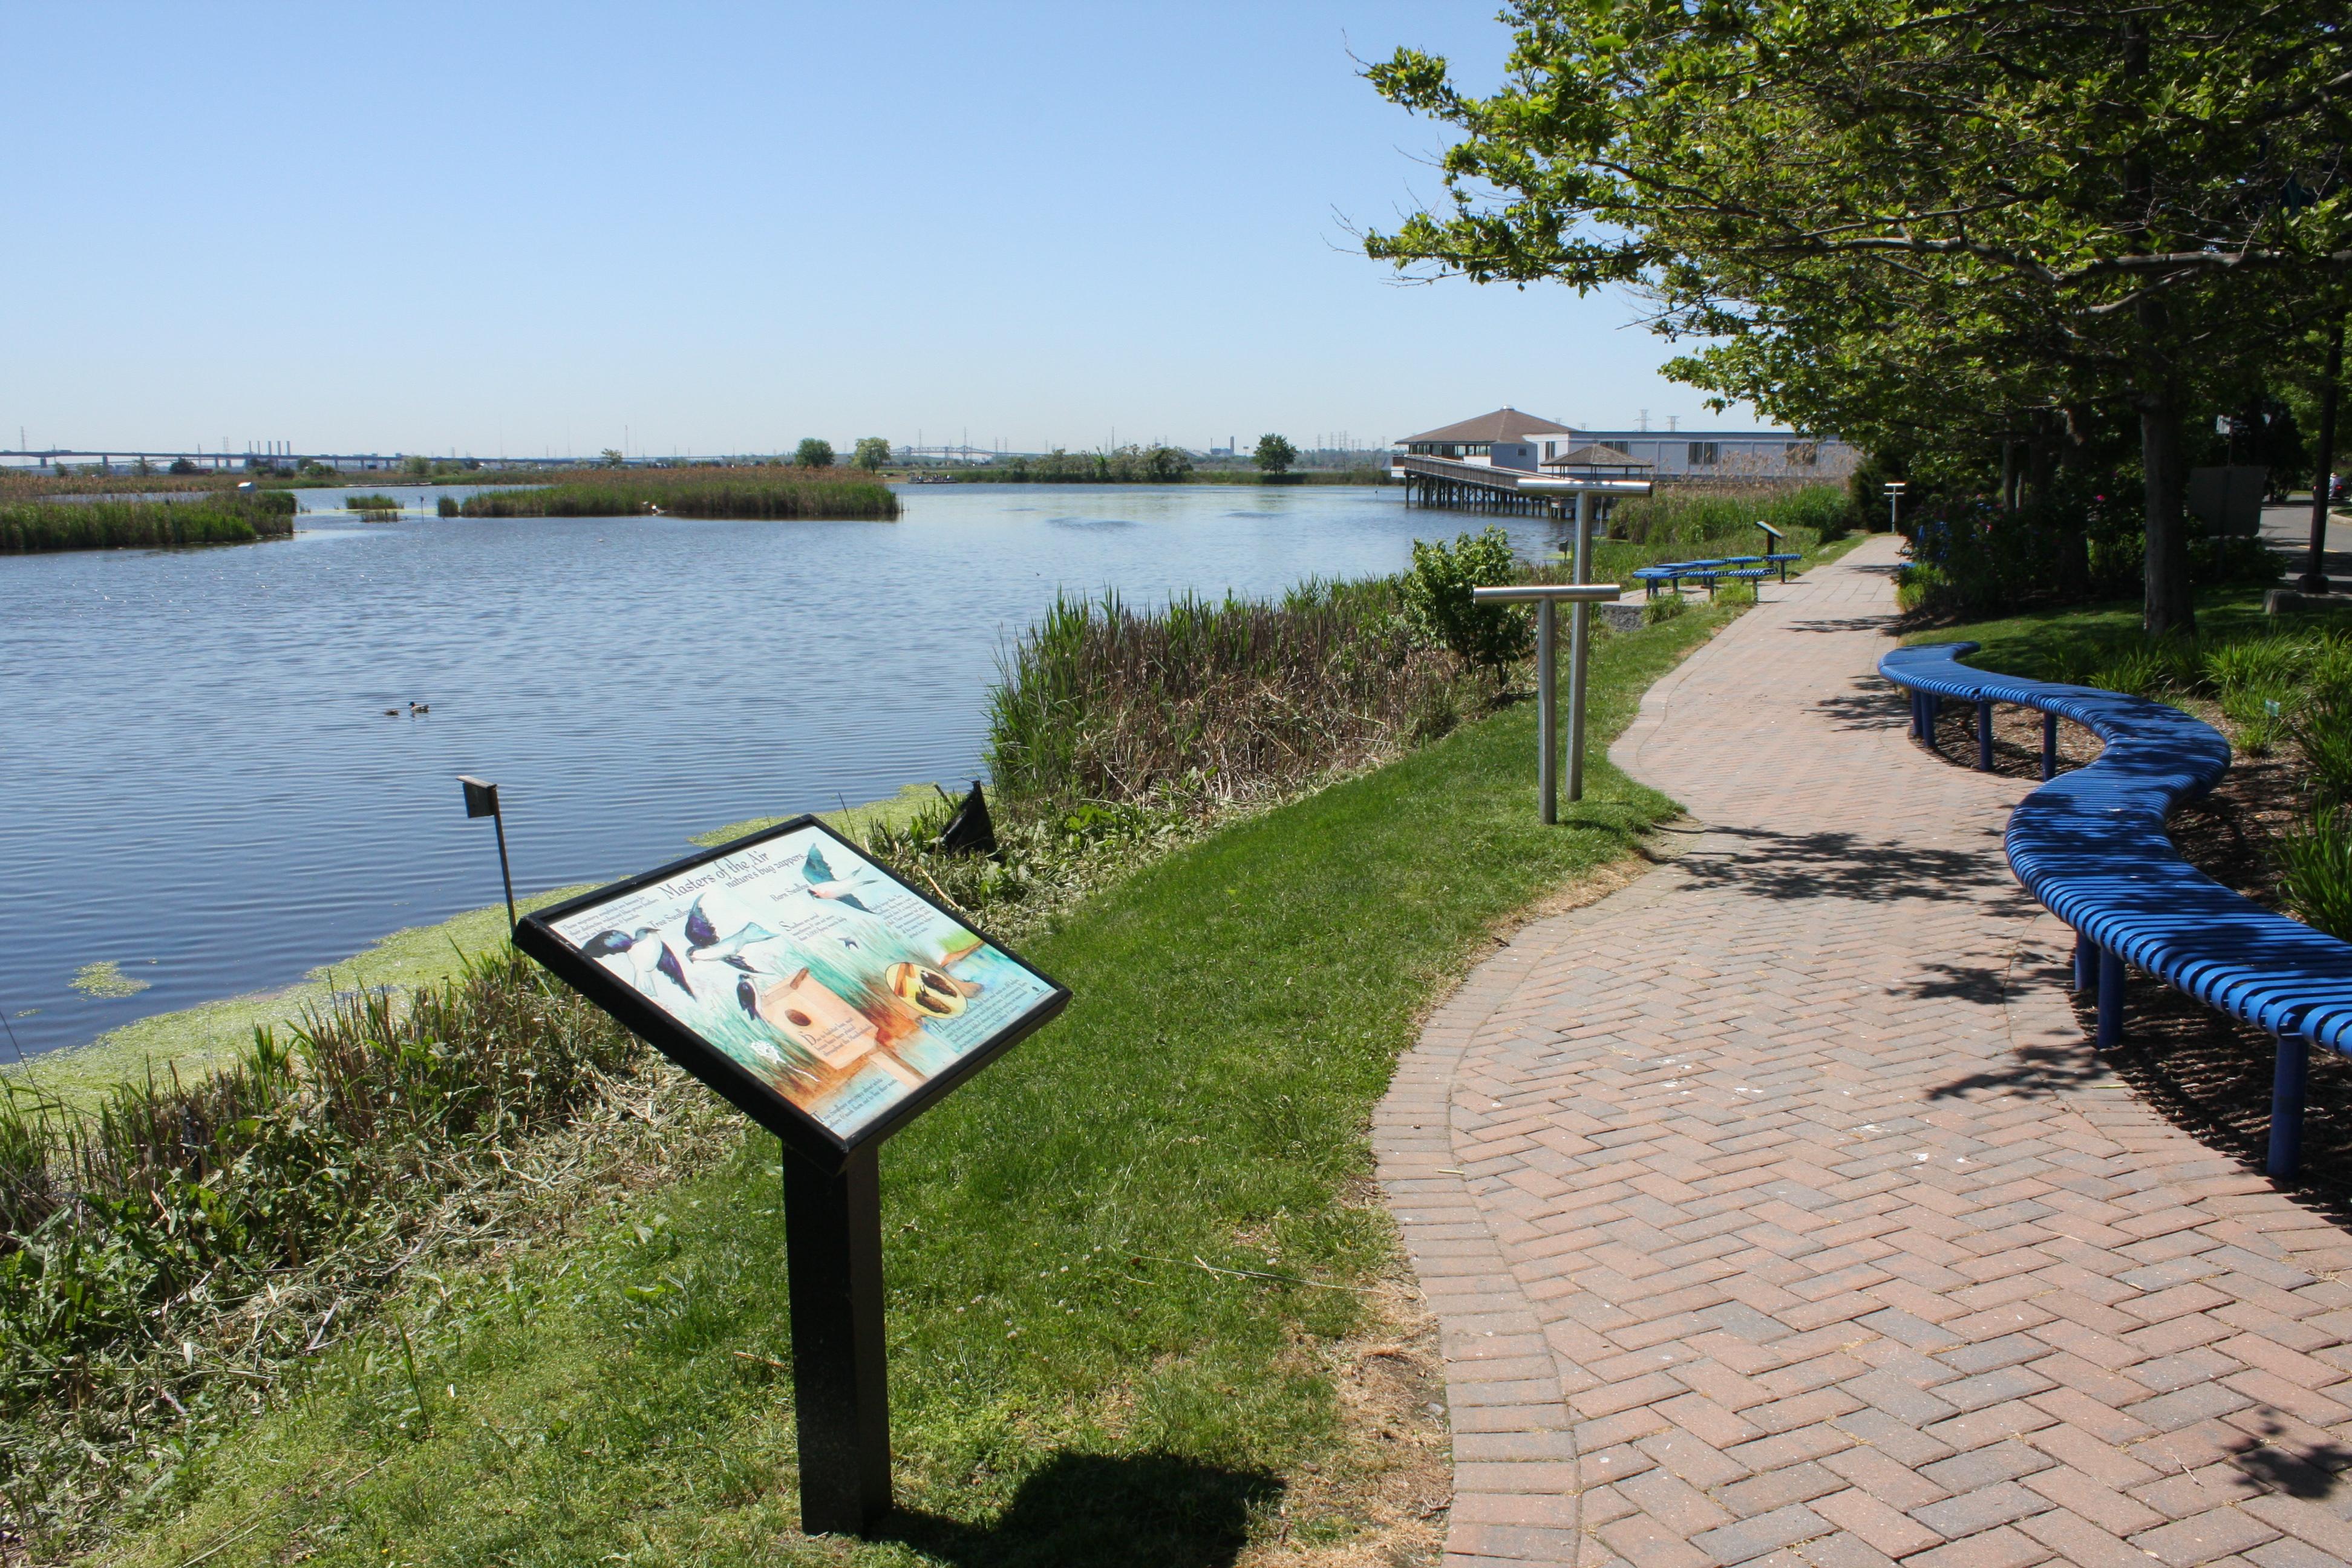 dekorte park - shorewalk